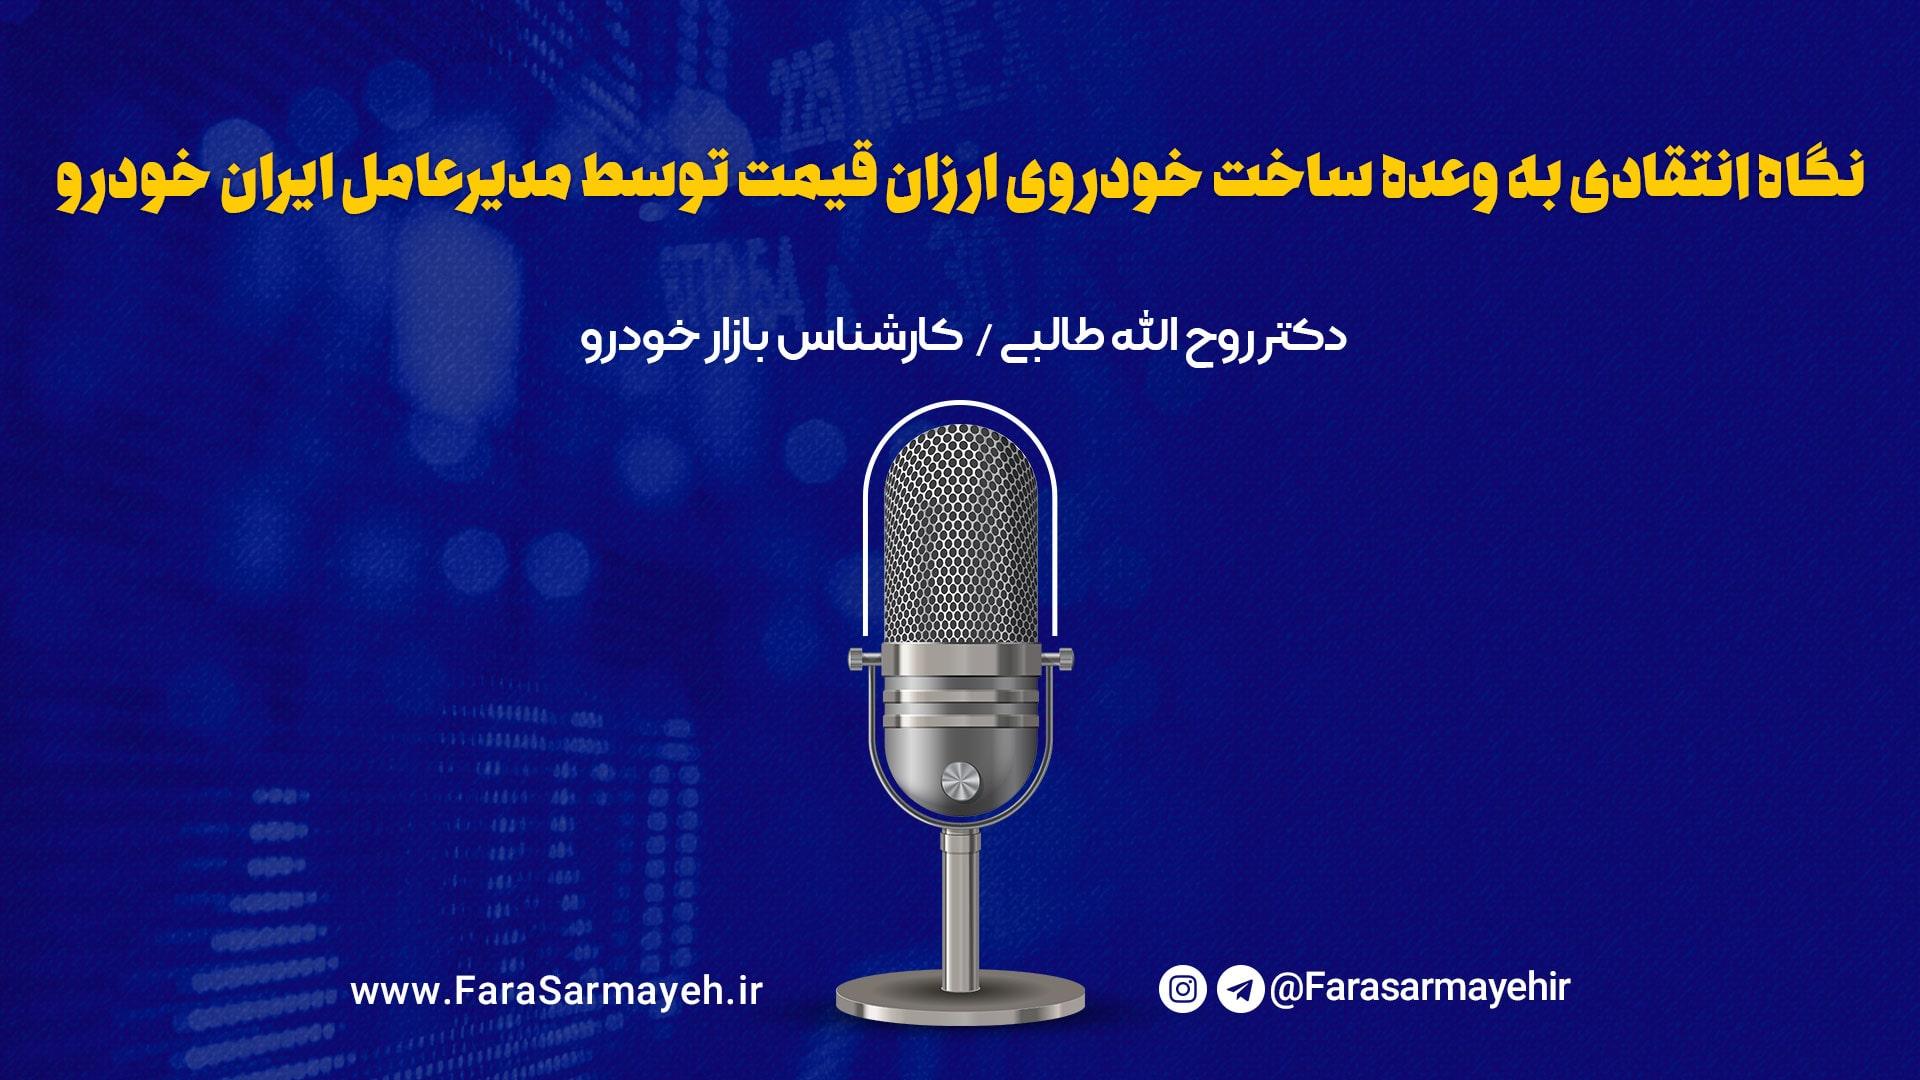 نگاه انتقادی به وعده ساخت خودروی ارزان قیمت توسط مدیرعامل ایران خودرو